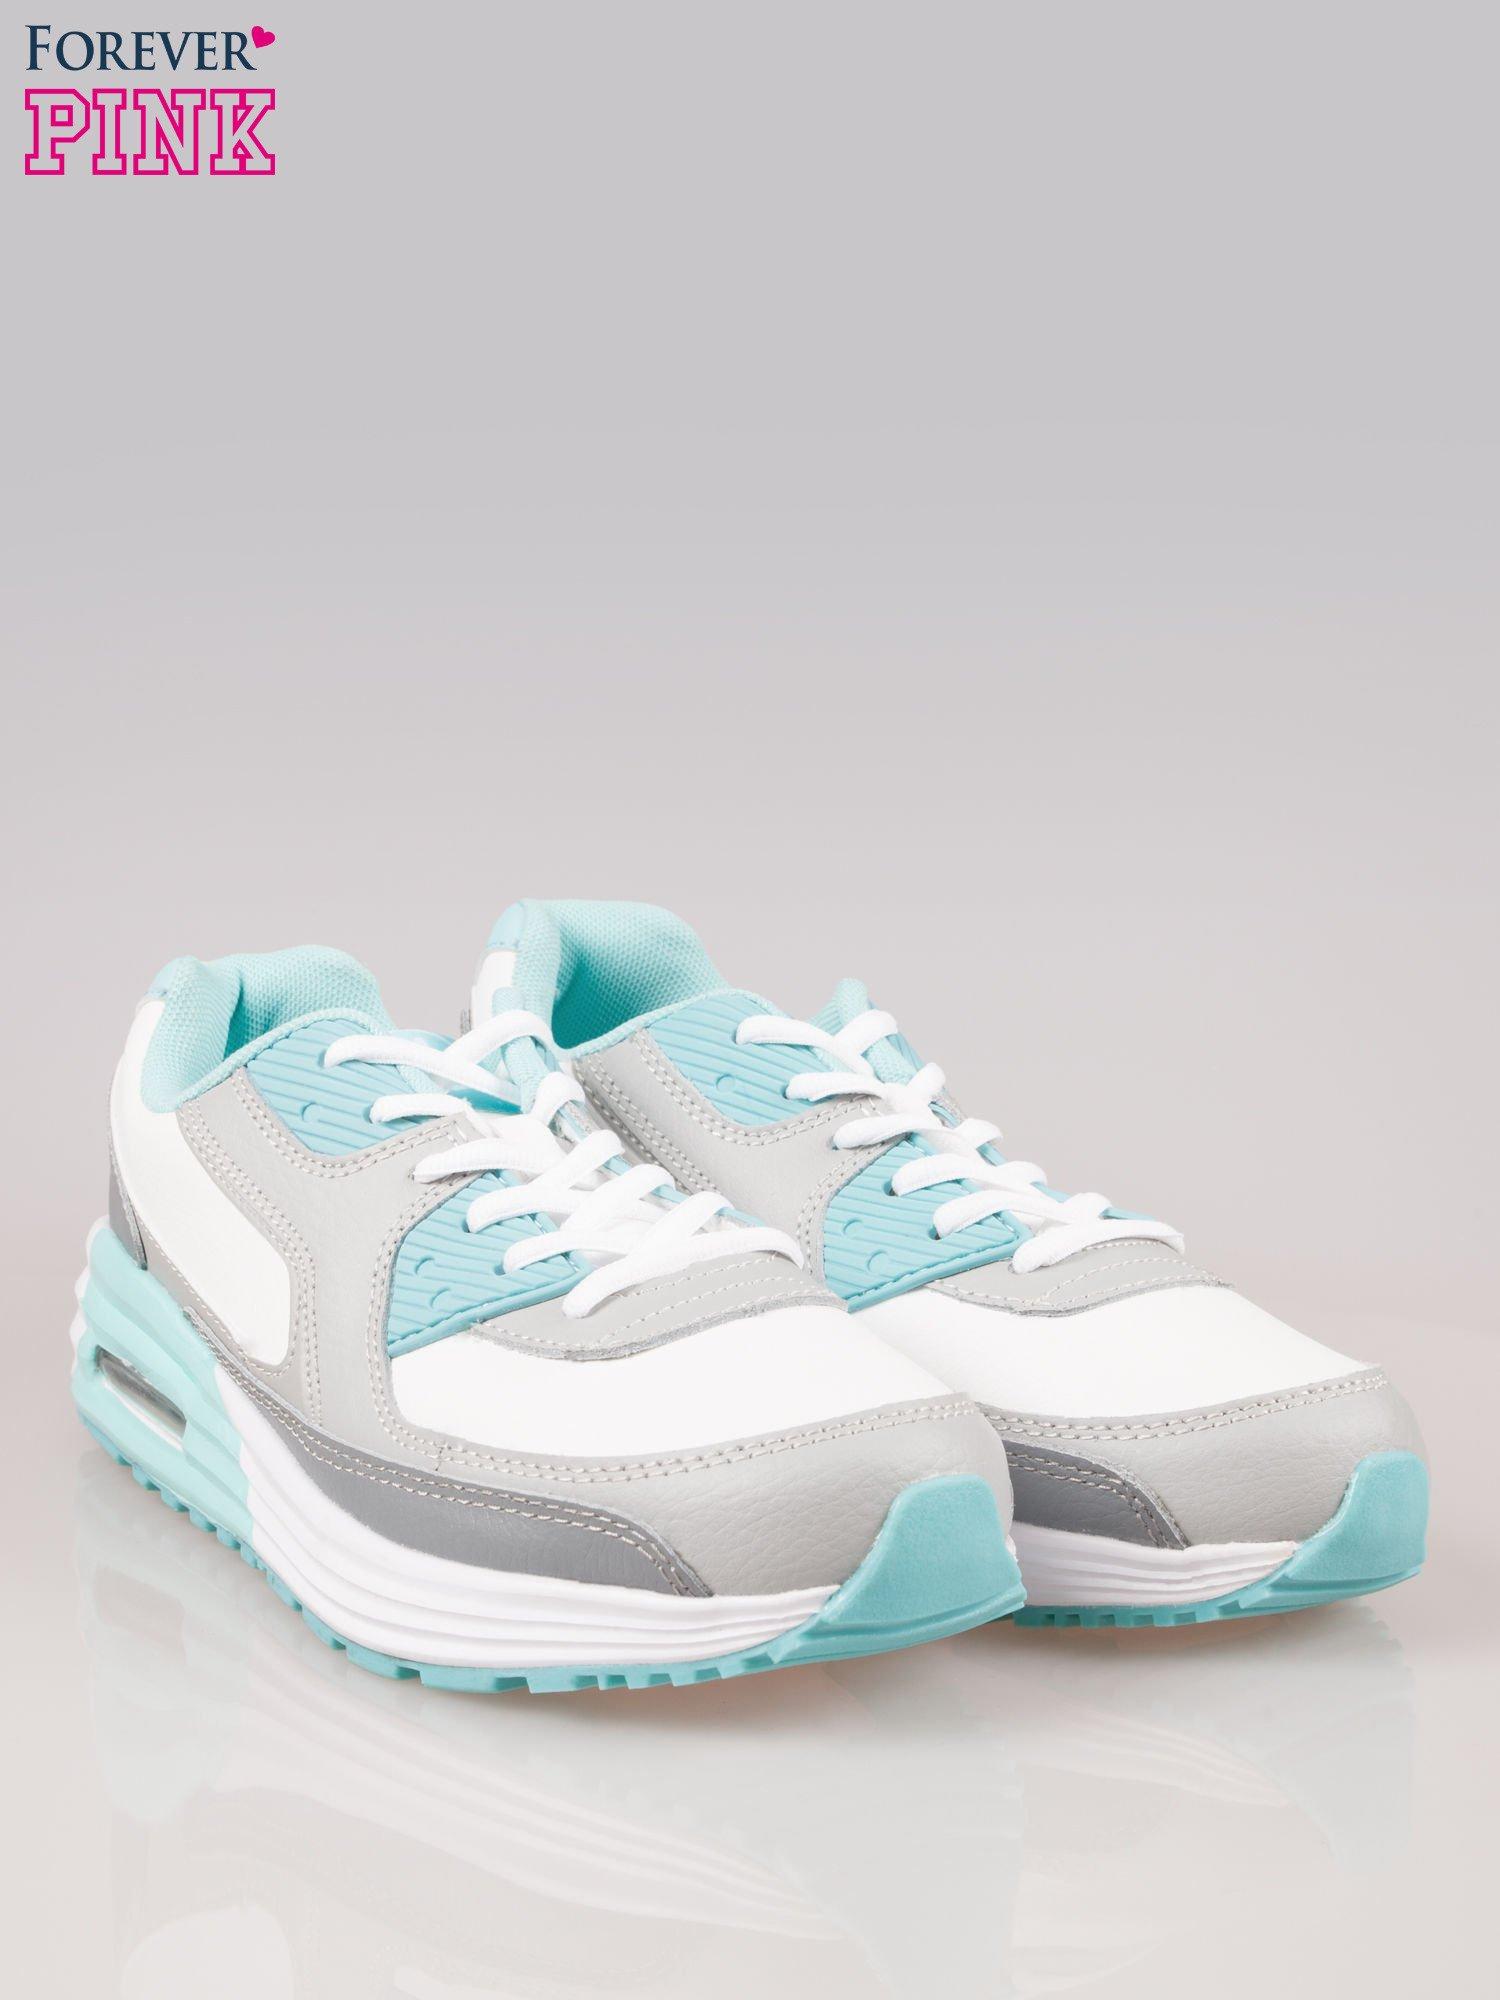 Szaro-niebieskie buty sportowe z poduszką powietrzną                                  zdj.                                  2